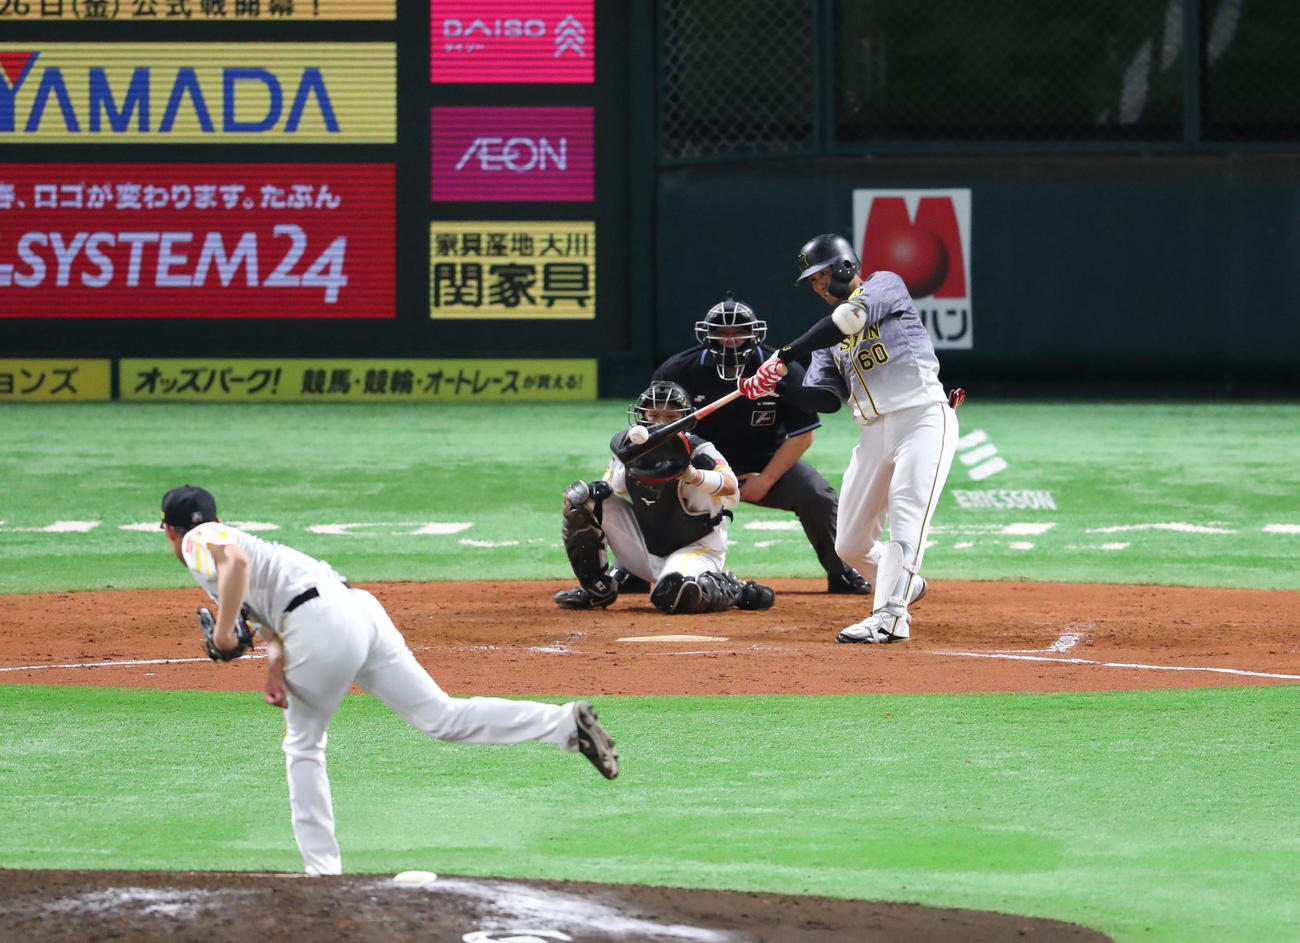 ソフトバンク対阪神 9回表阪神1死一、二塁、中谷は左前適時打を放つ(撮影・梅根麻紀)